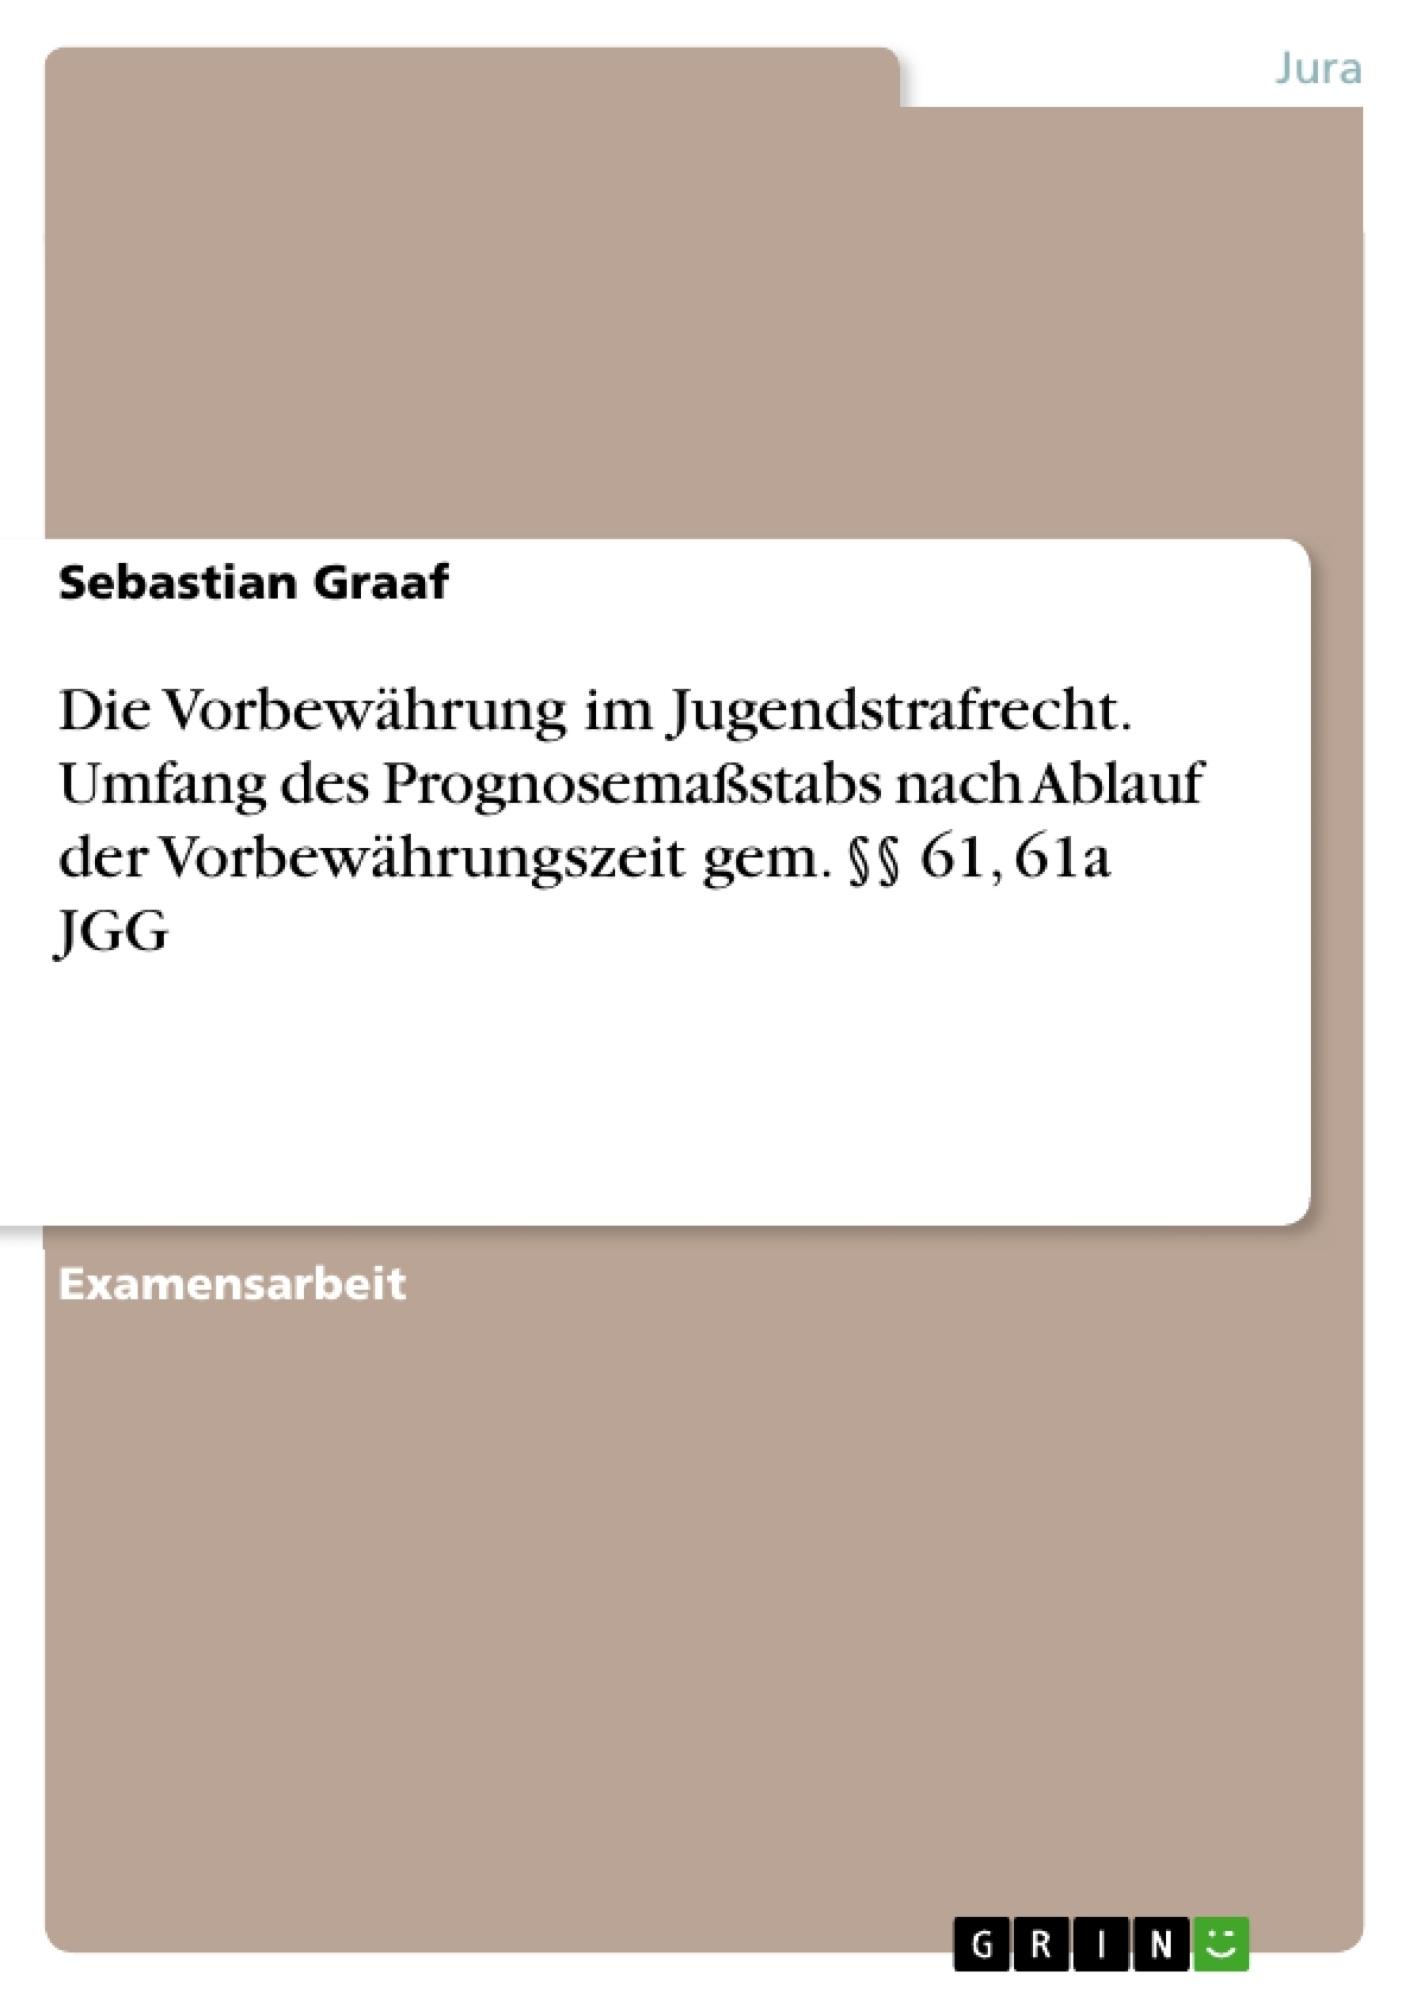 Titel: Die Vorbewährung im Jugendstrafrecht. Umfang des Prognosemaßstabs nach Ablauf der Vorbewährungszeit gem. §§ 61, 61a JGG